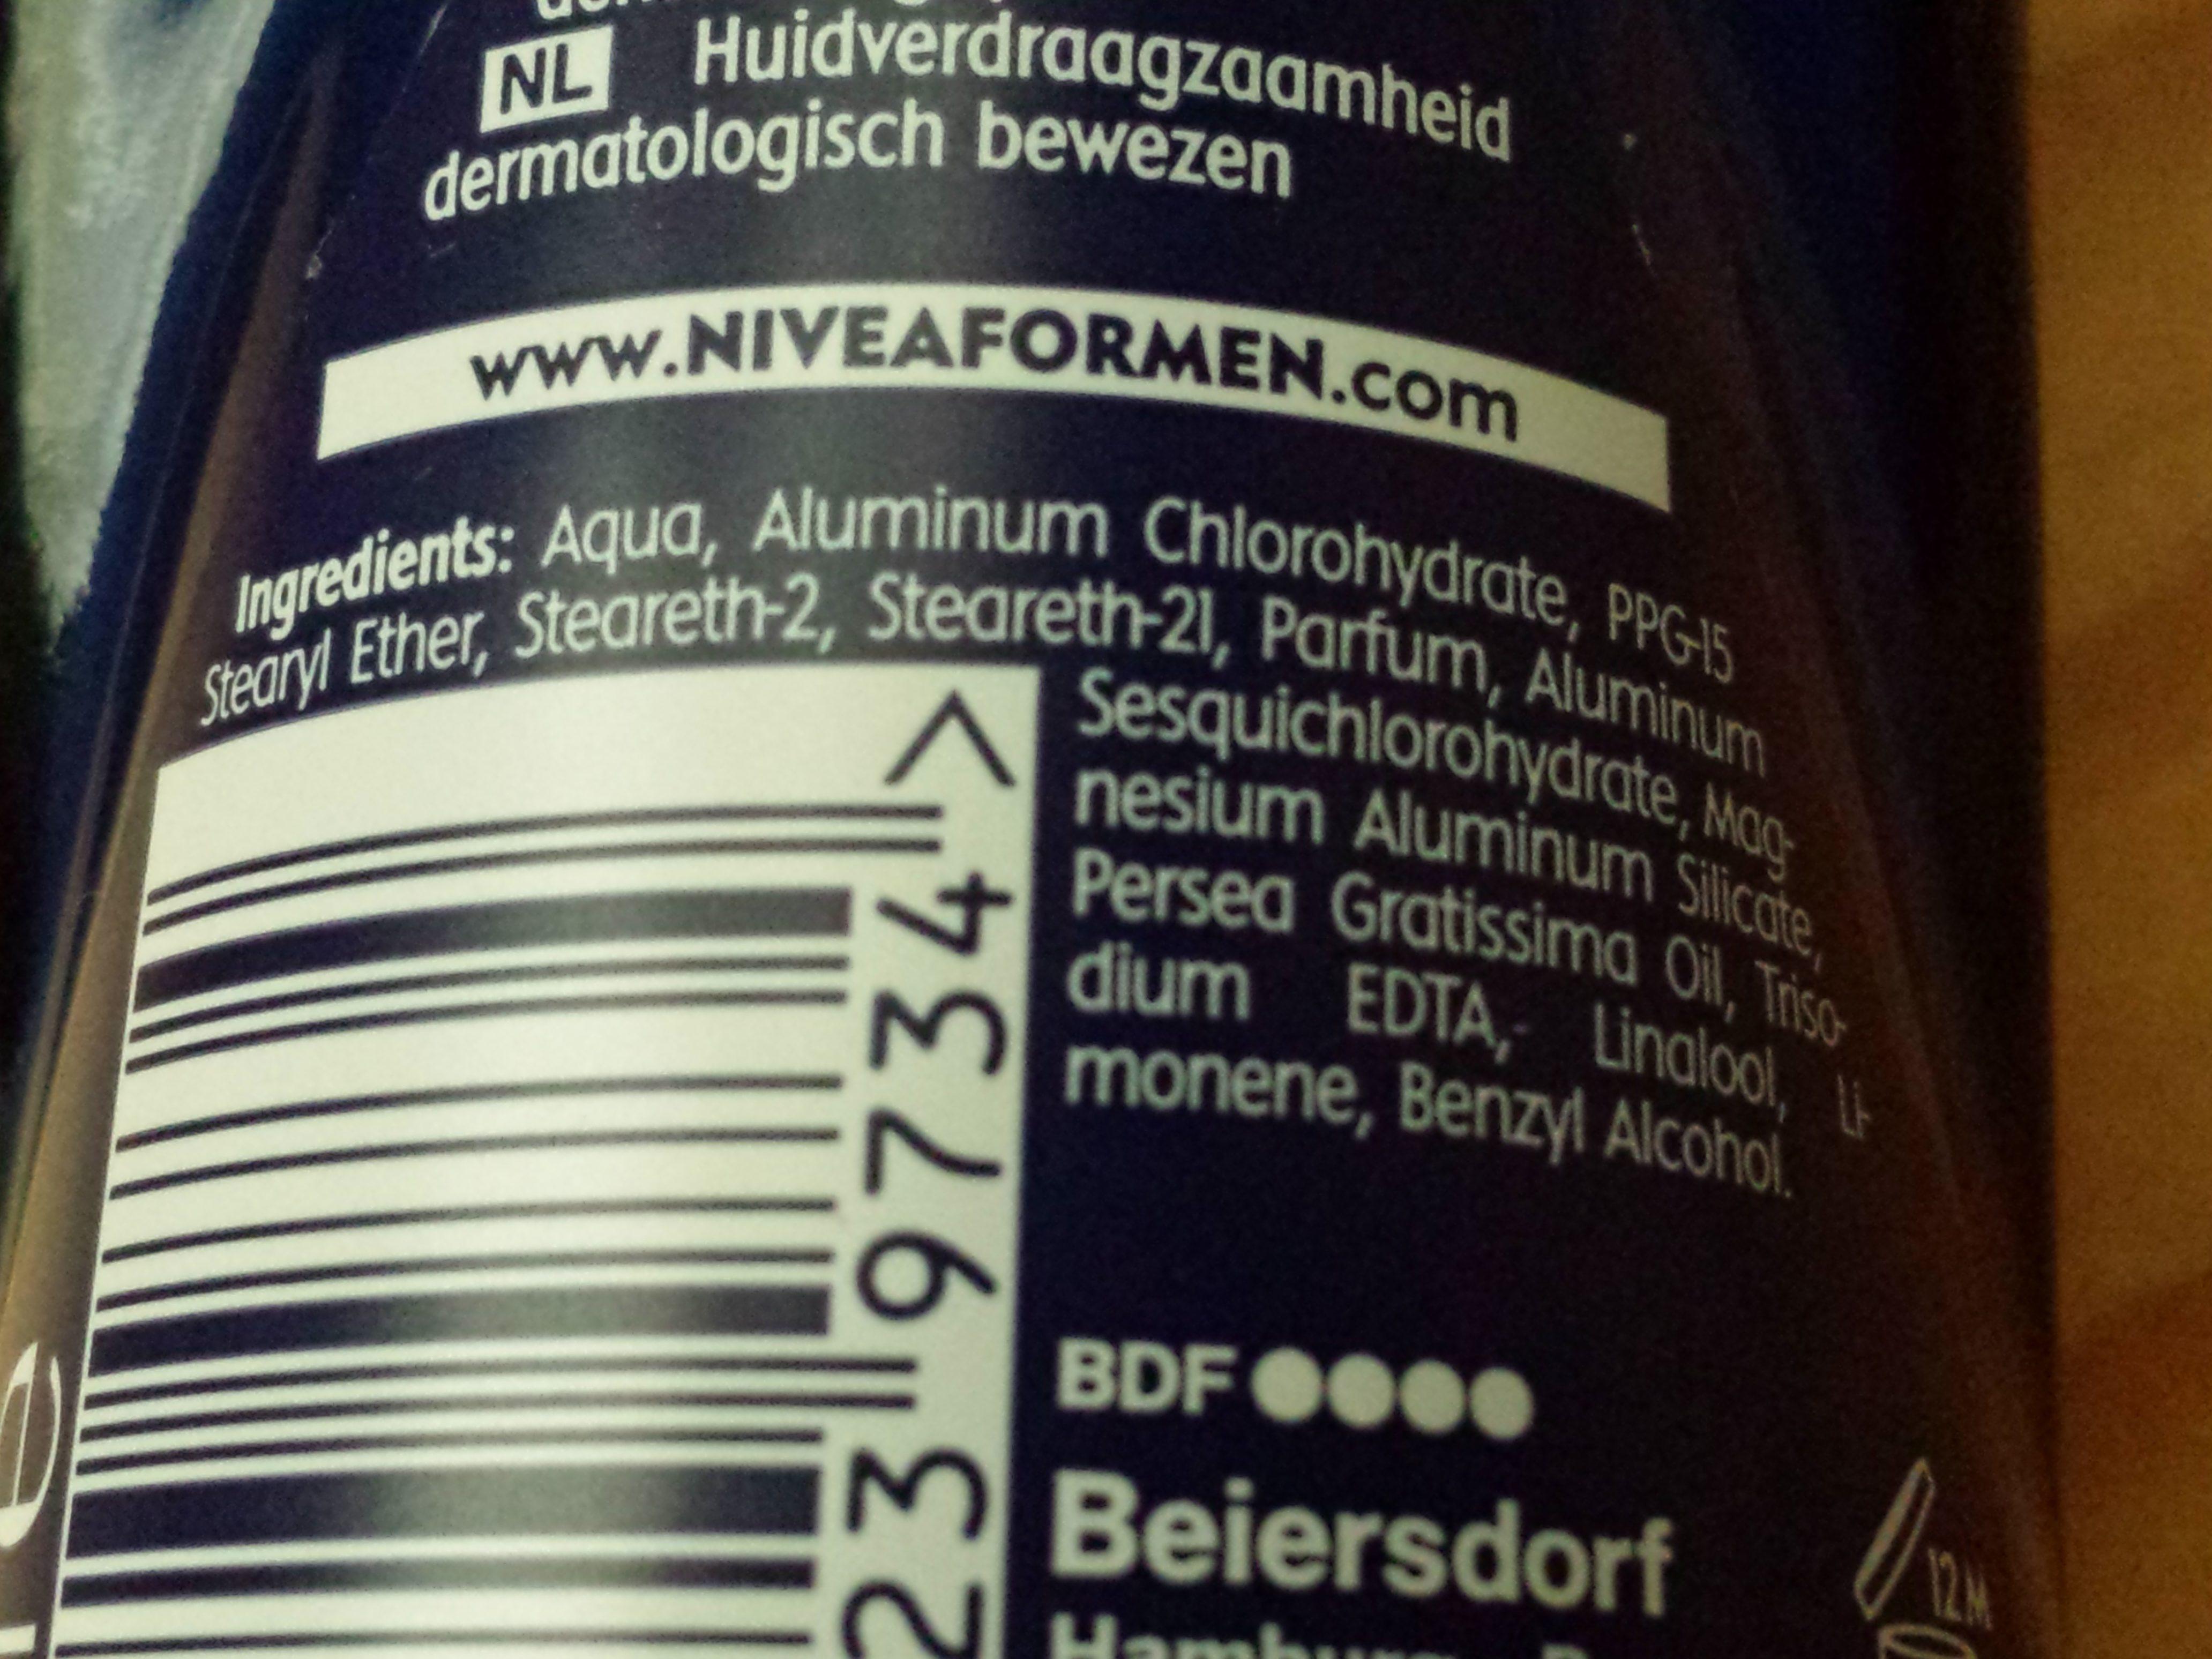 Nivea Men Dry Impact - Ingredients - en